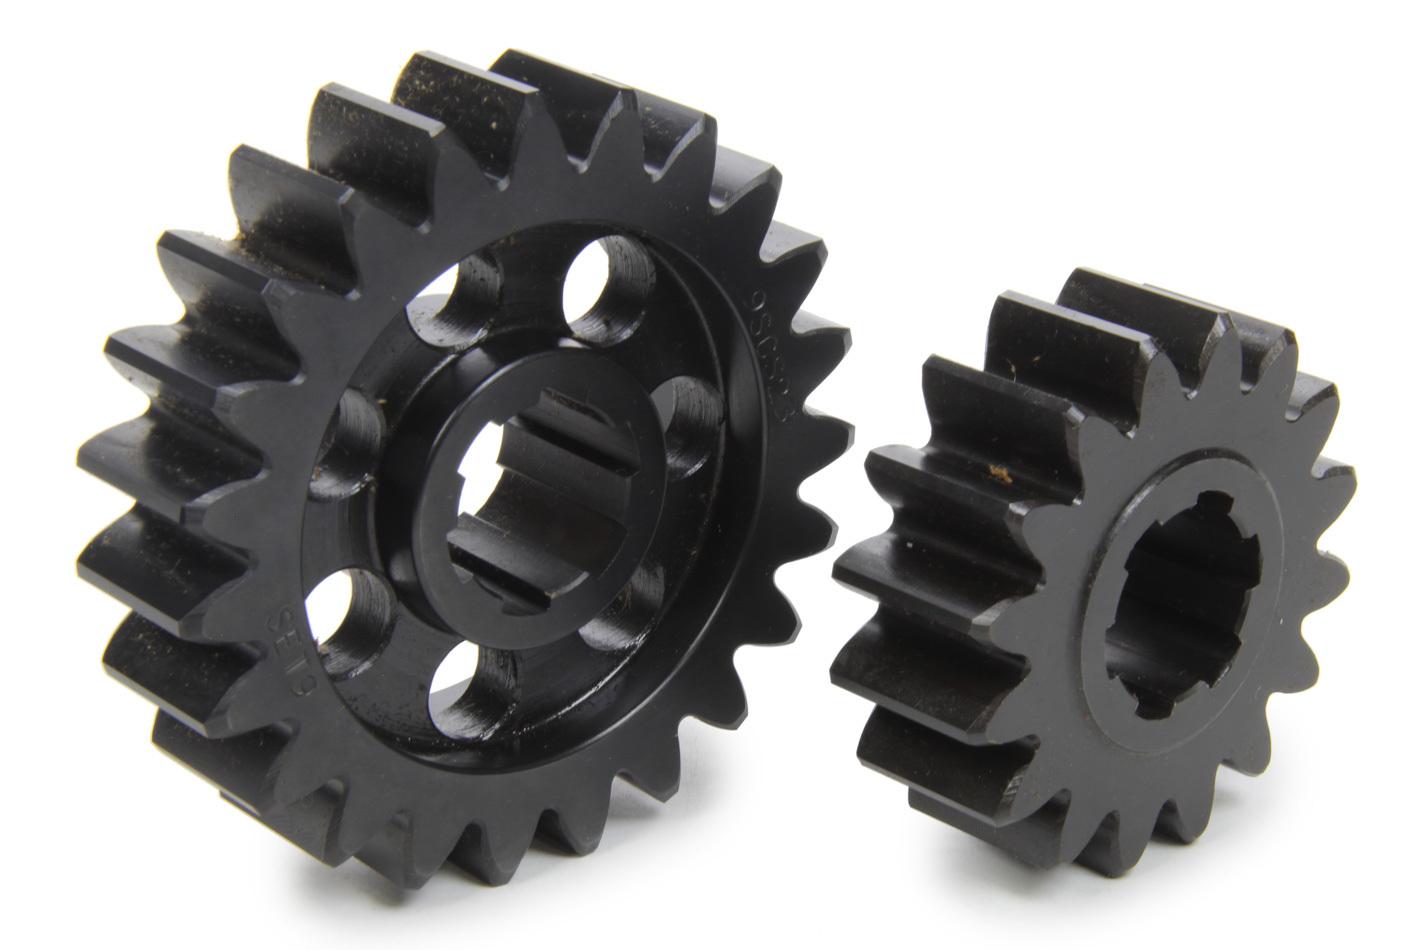 SCS Gears 69 Quick Change Gear Set, Professional, Set 69, 6 Spline, 4.11 Ratio 2.86 / 5.91, 4.33 Ratio 3.01 / 6.22, Steel, Each